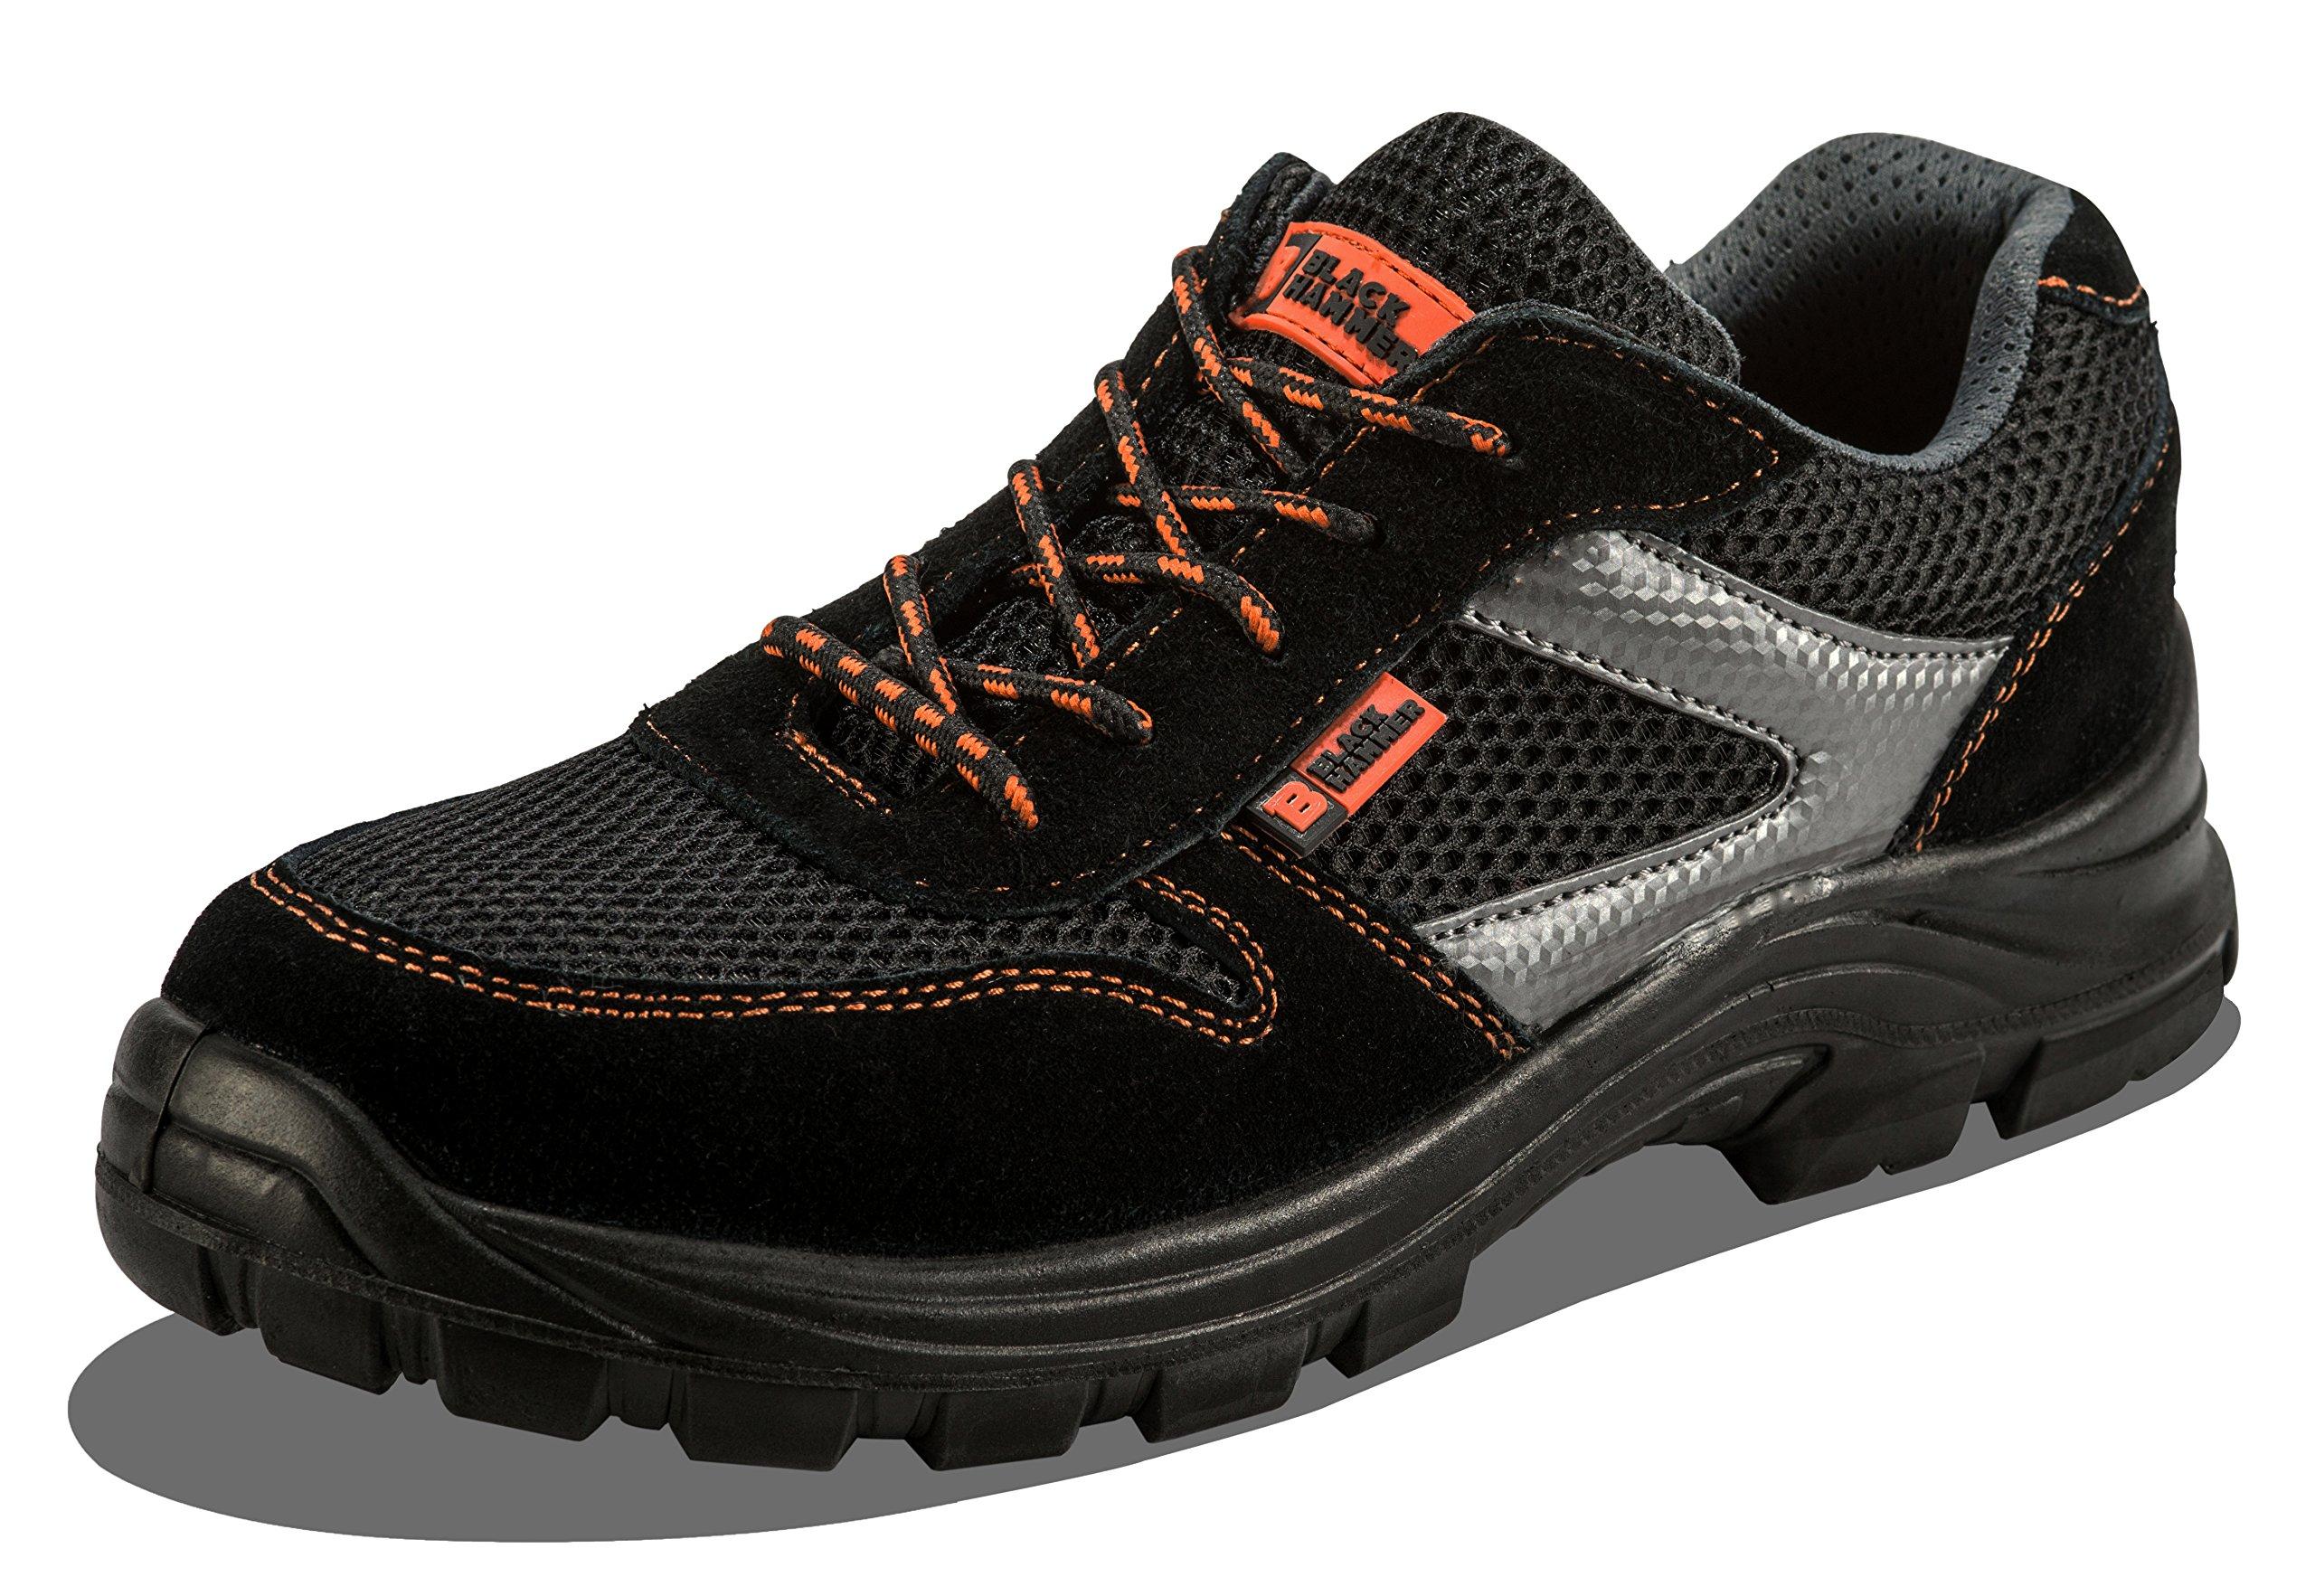 3b198609a71 Calzado Deportivo Masculino de Seguridad con Puntera Ultraligera de  conglomerado Zapatos de Trabajo al Tobillo de